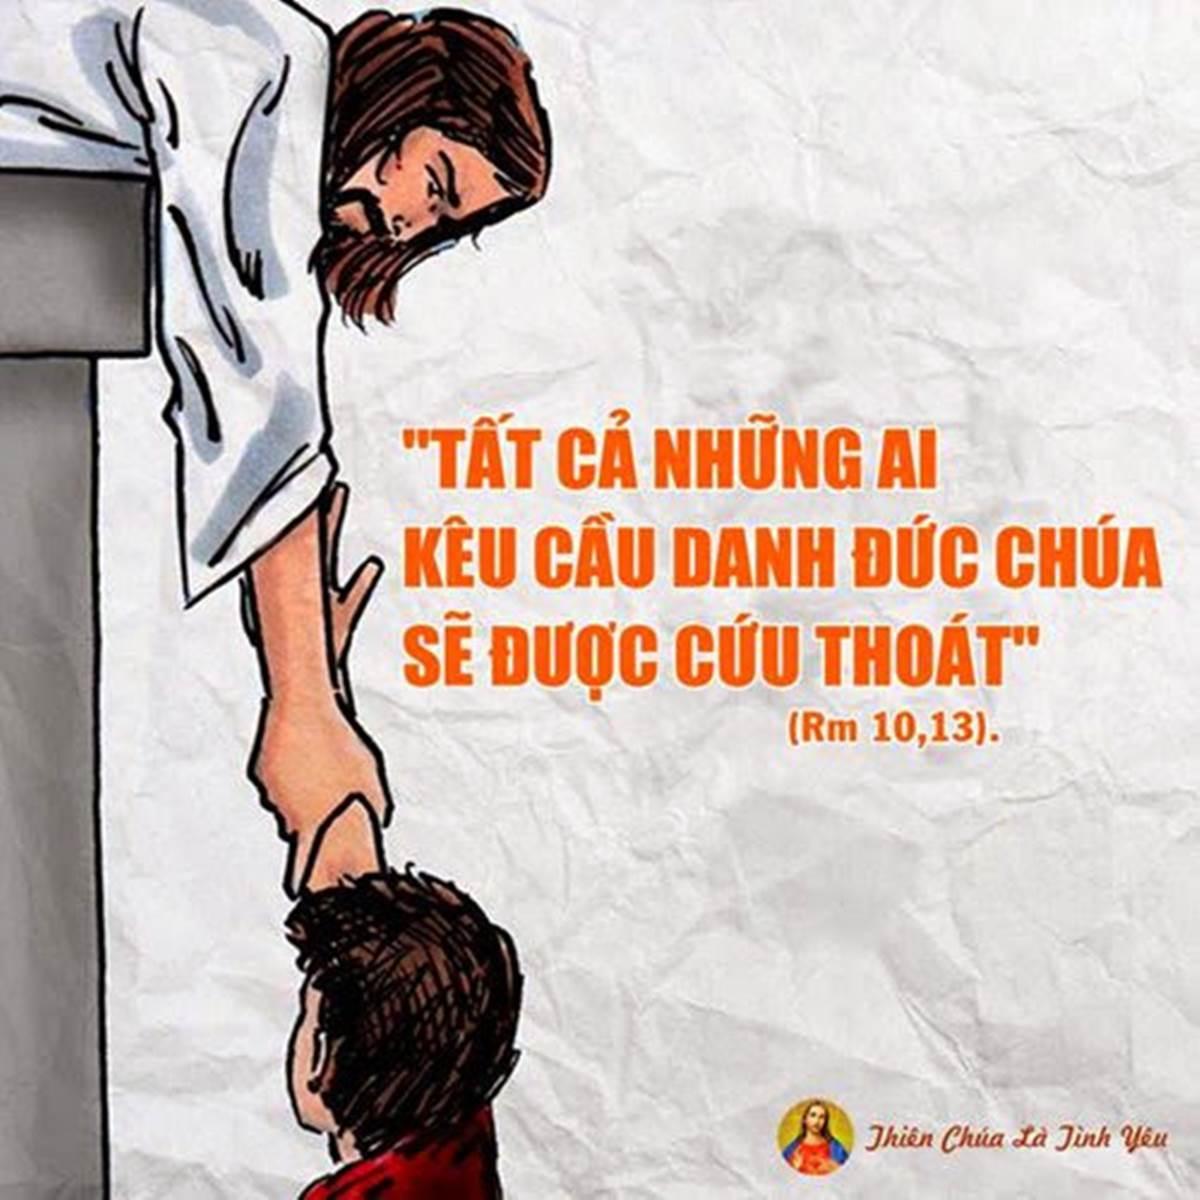 Bất cứ ai kêu cầu danh Chúa sẽ được cứu thoát (Rm 10:13)